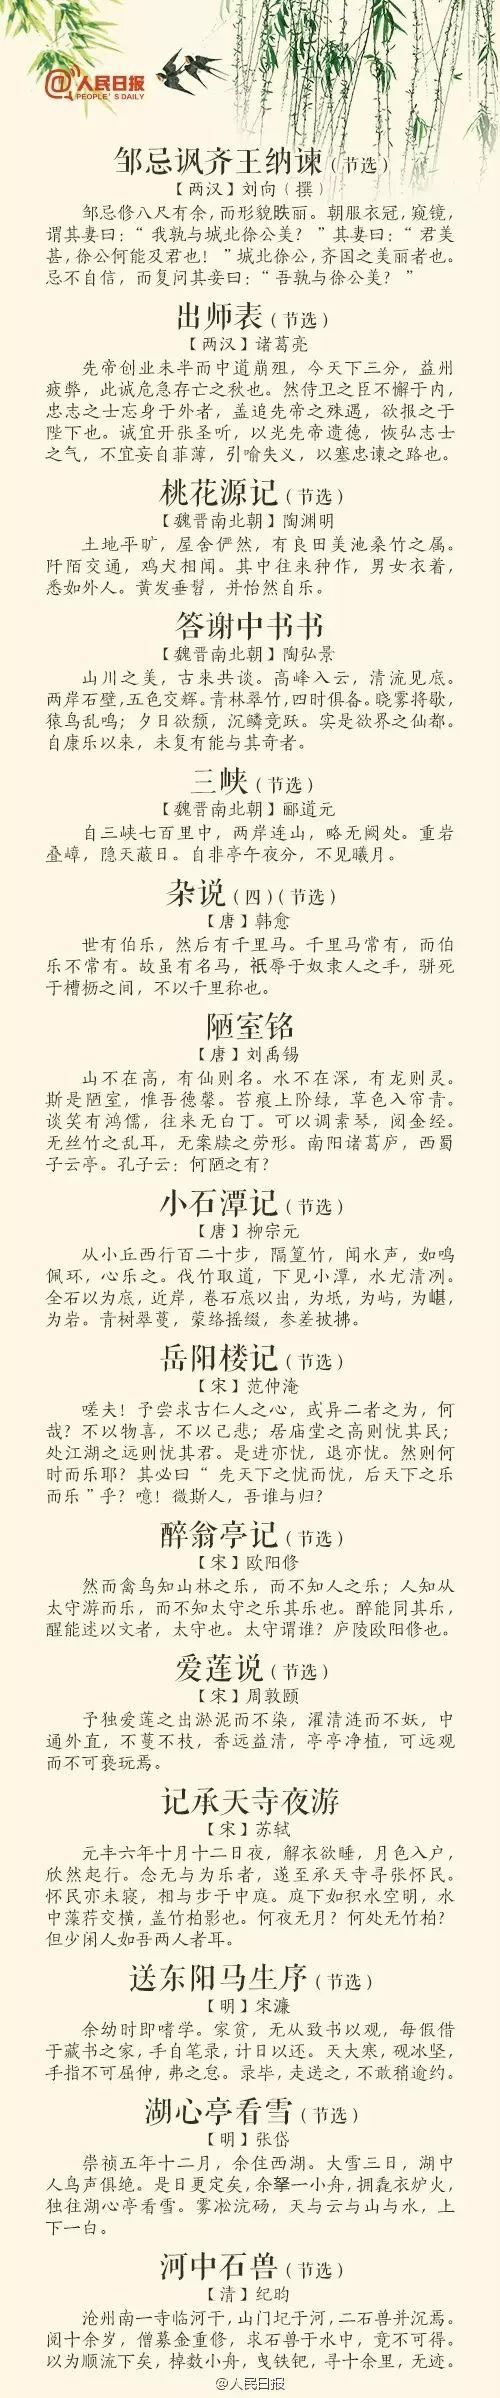 【薦讀】義務教育階段136首必背詩文,你還會幾首?